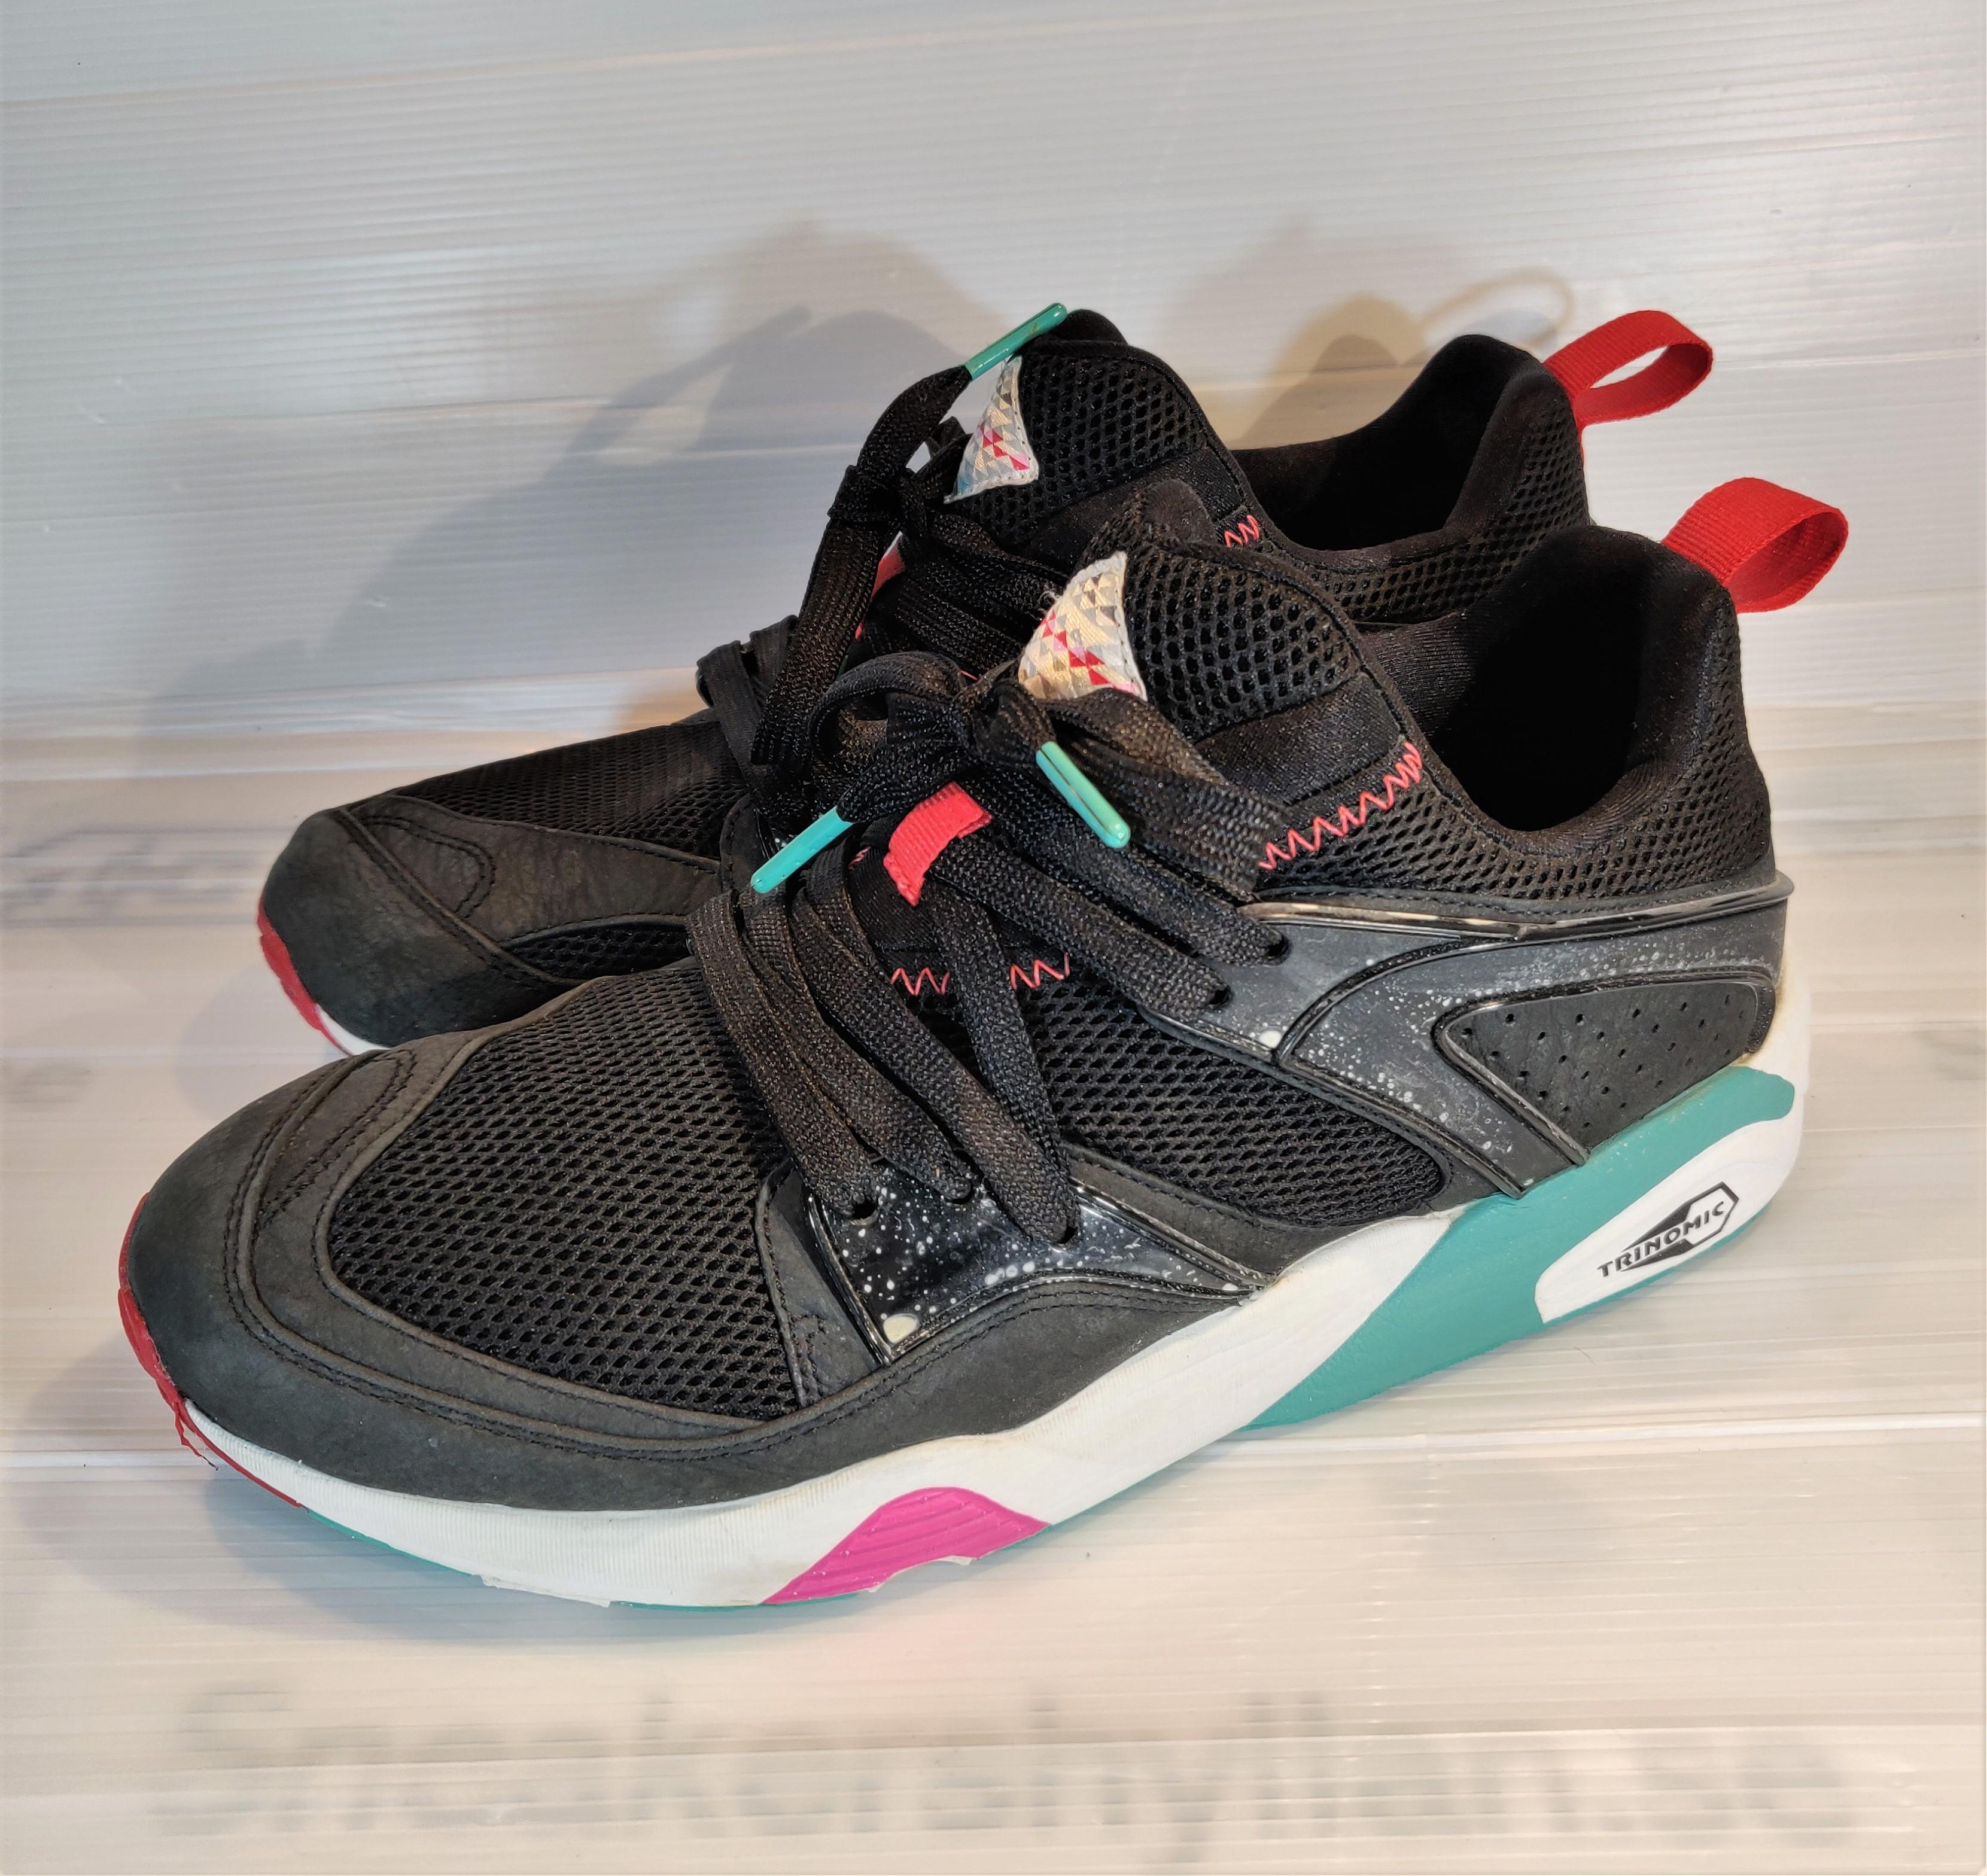 Puma Blaze Of Glory Sneaker Freaker Black Beast